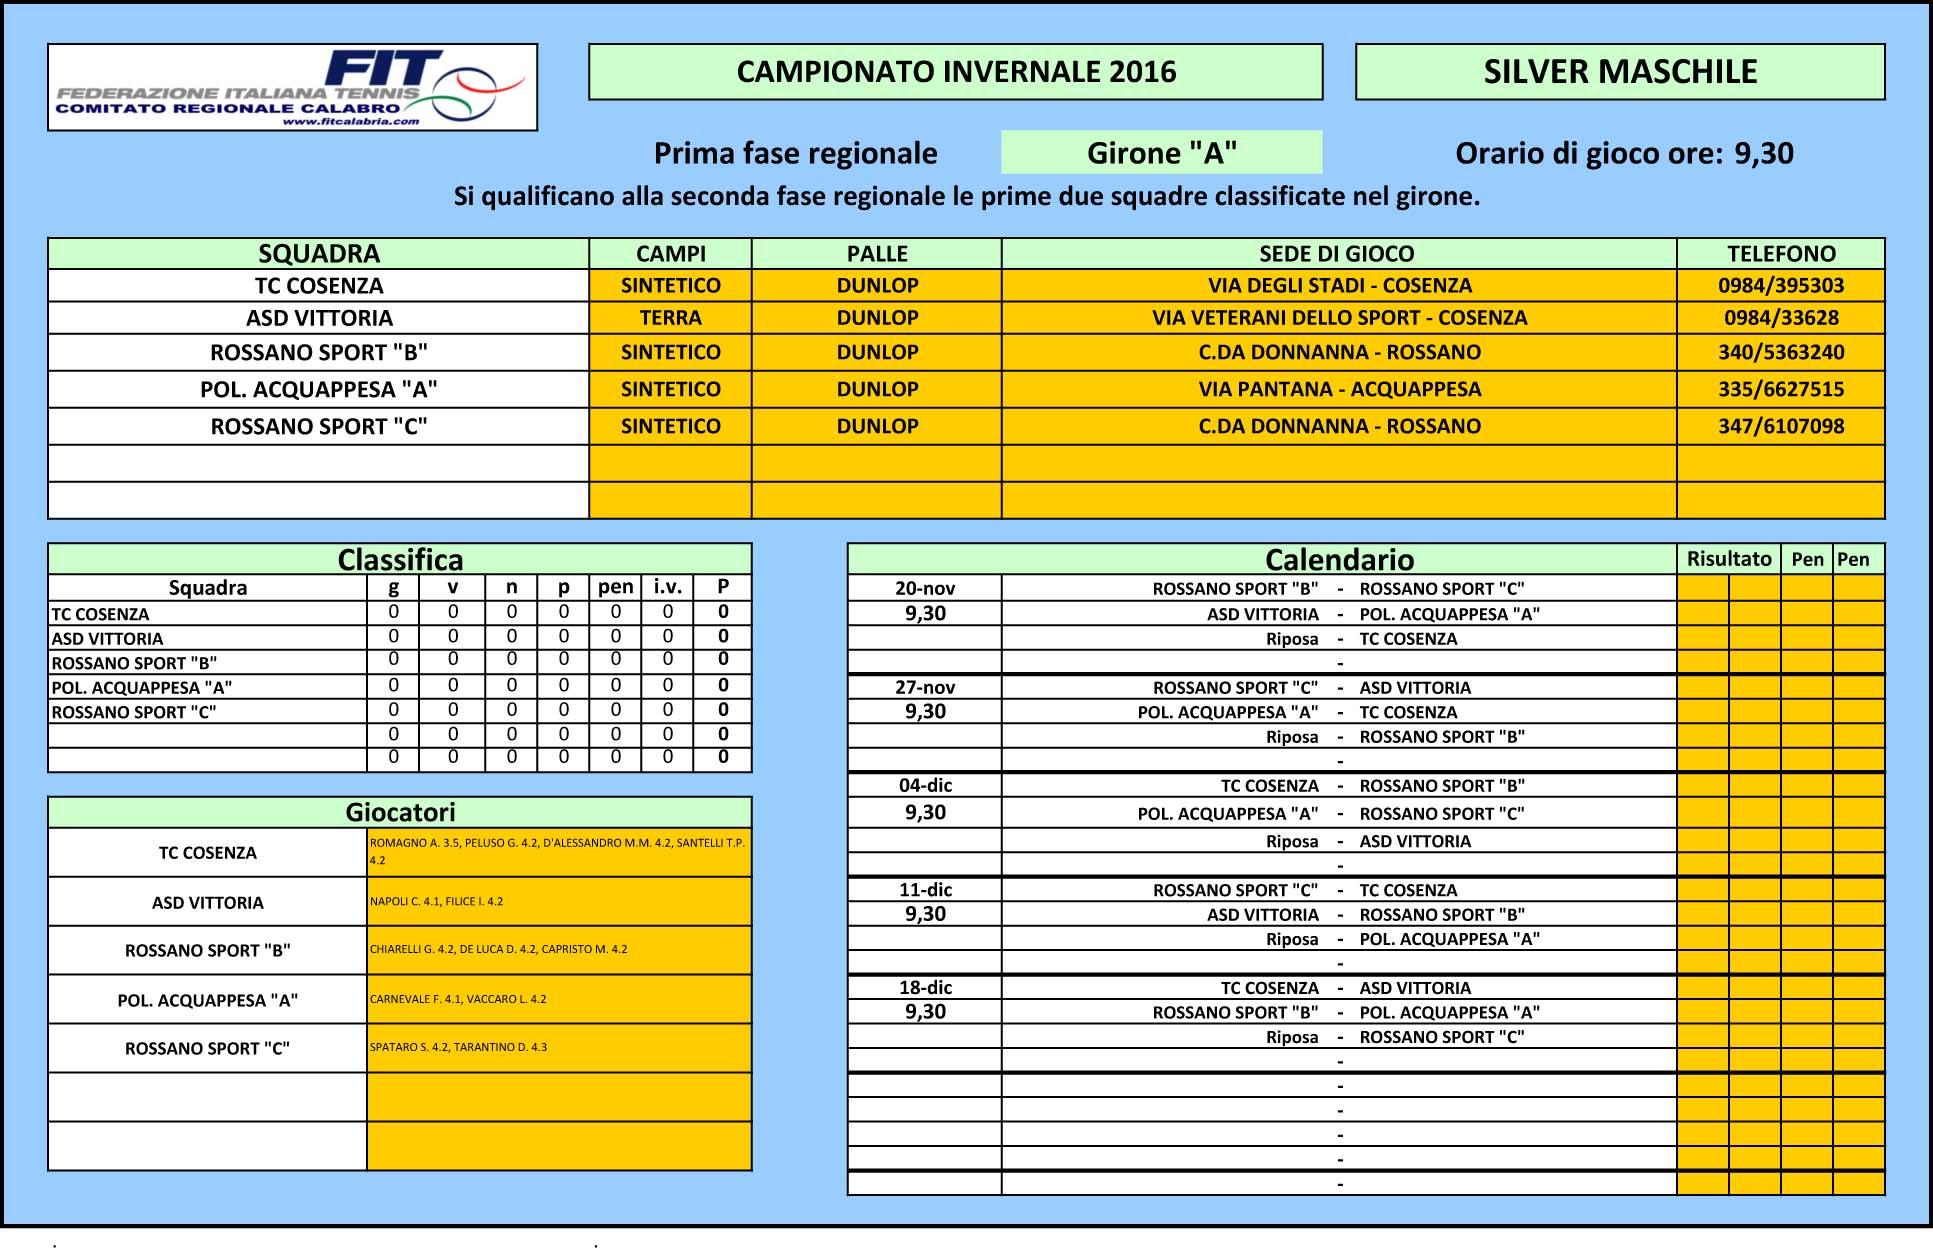 calendario-silver-m-2016